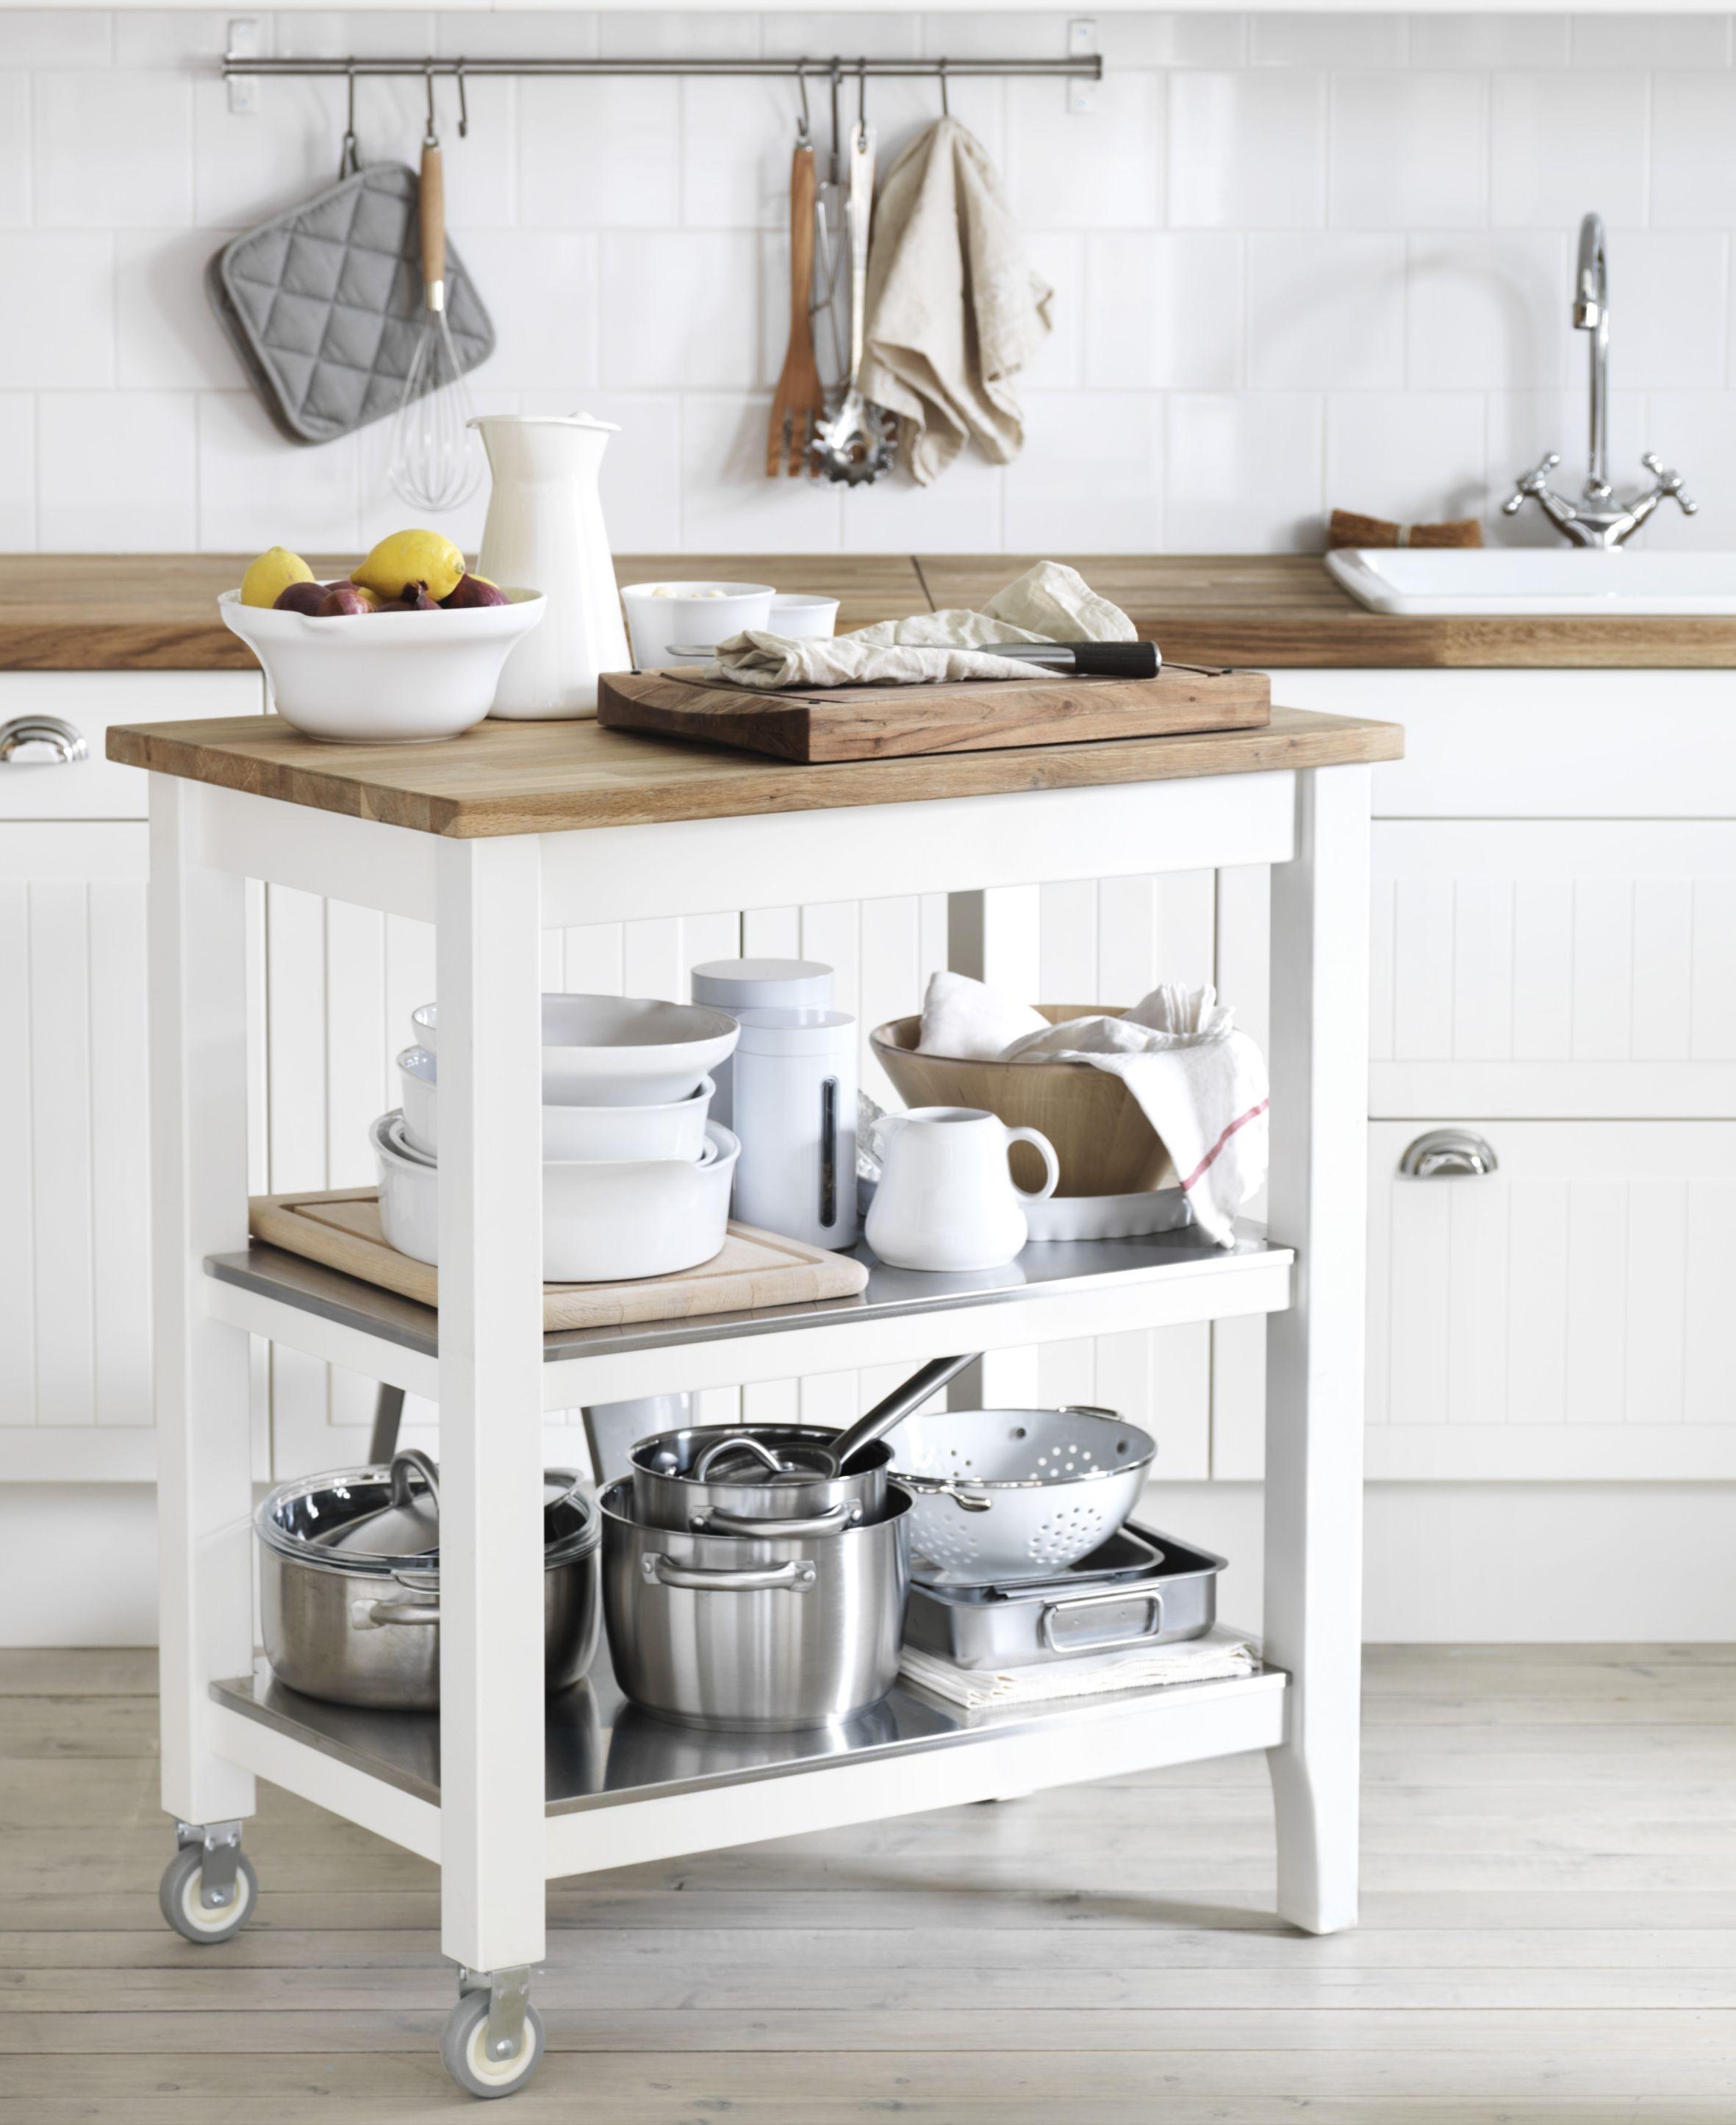 stenstorp roltafel maak je keuken helemaal af met onze producten